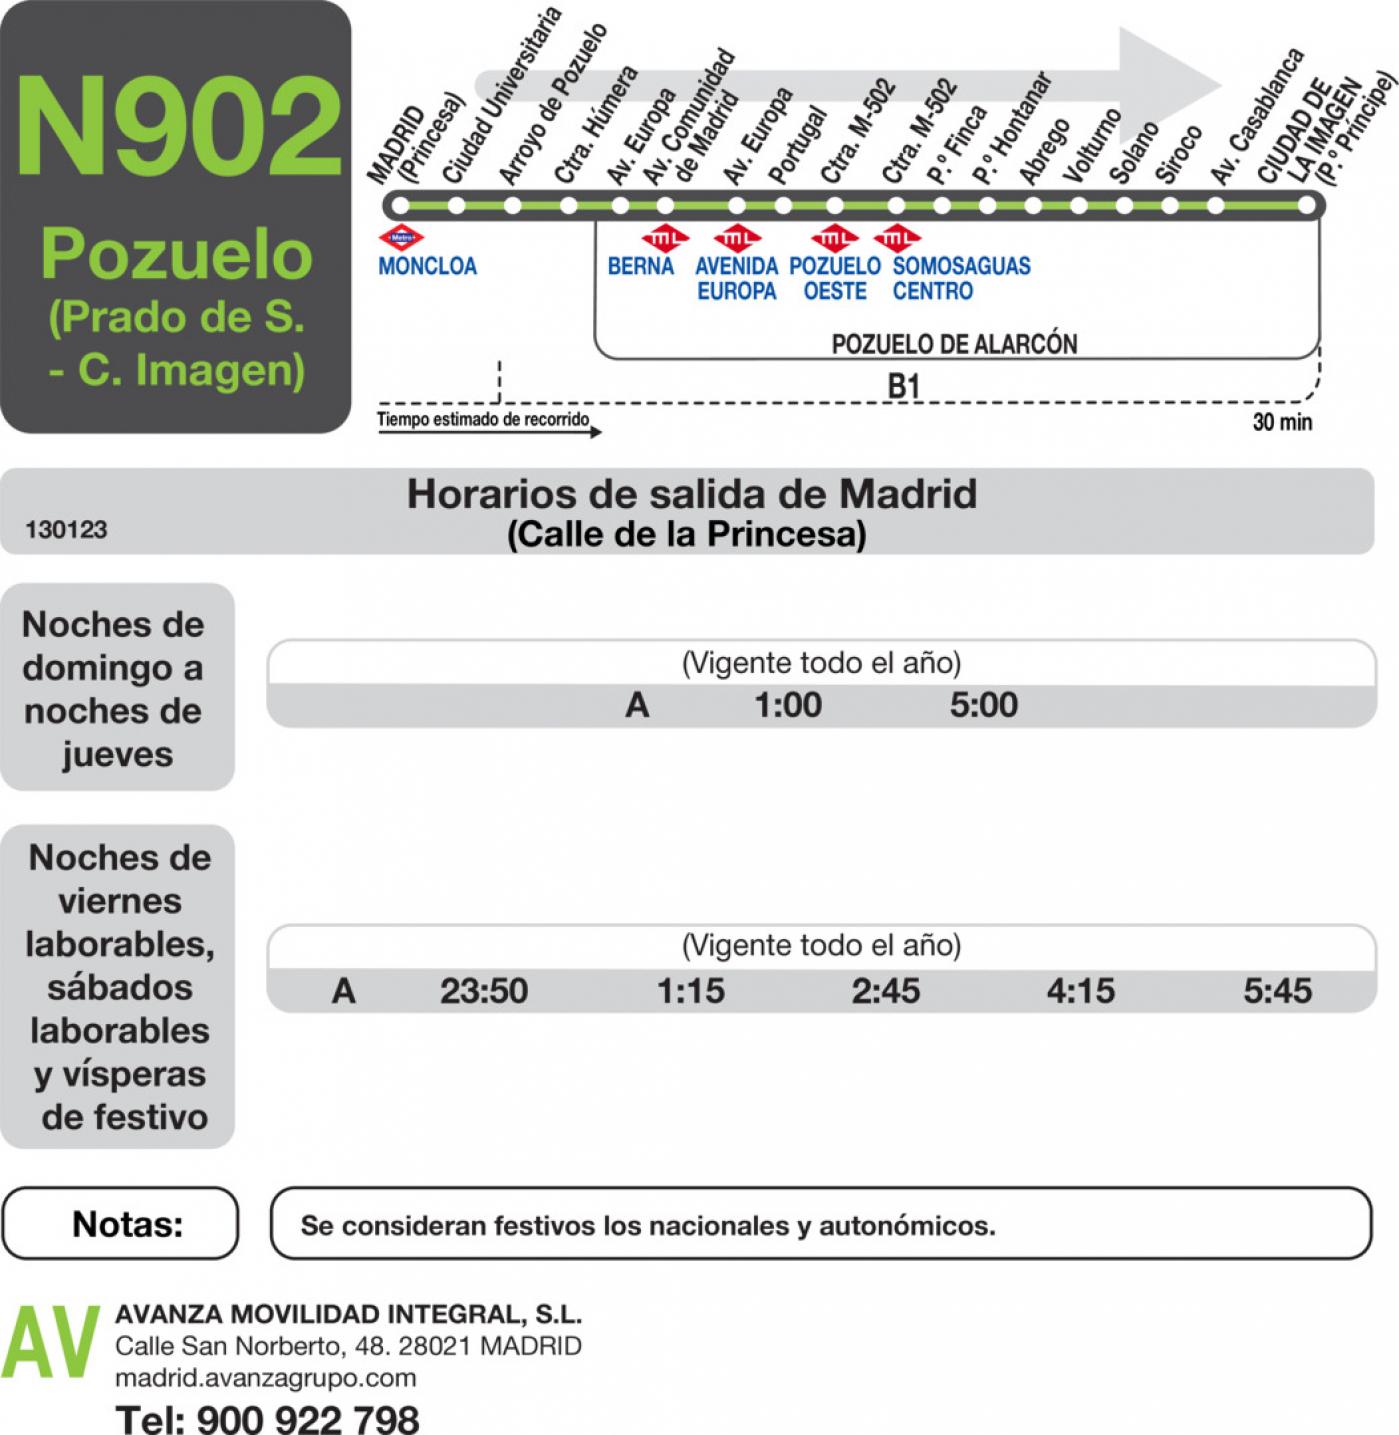 Tabla de horarios y frecuencias de paso en sentido ida Línea N-902: Madrid (Moncloa) - Pozuelo (Prado Somosaguas - Ciudad de la Imagen)